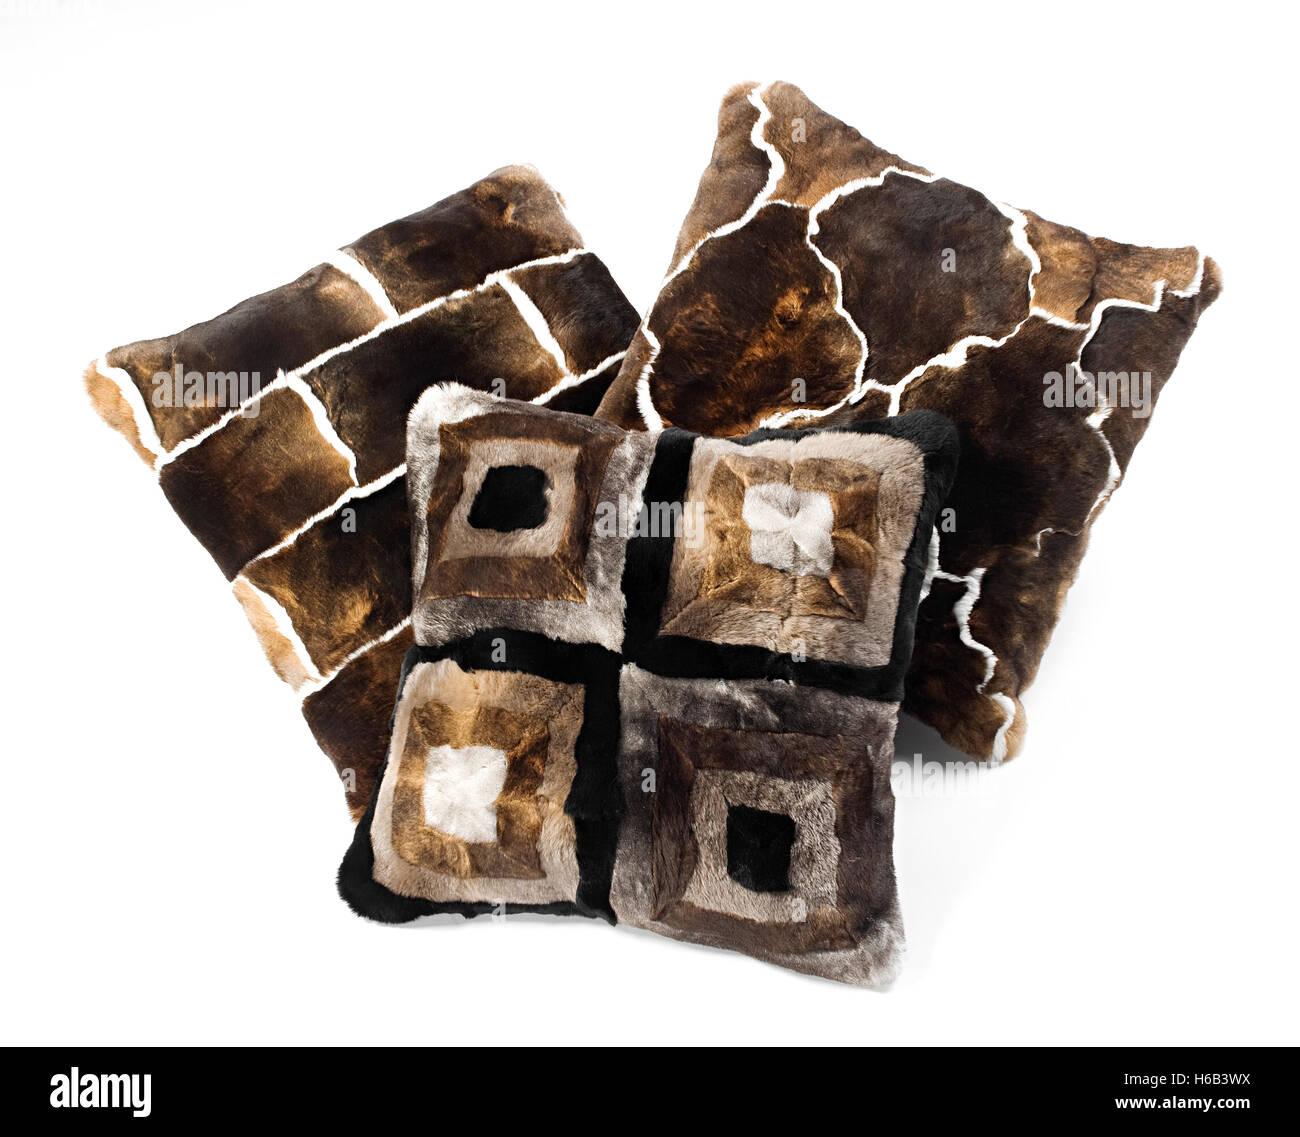 Trois tons de brun avec des oreillers de fourrure bold dessins géométriques isolé sur blanc dans Photo Stock